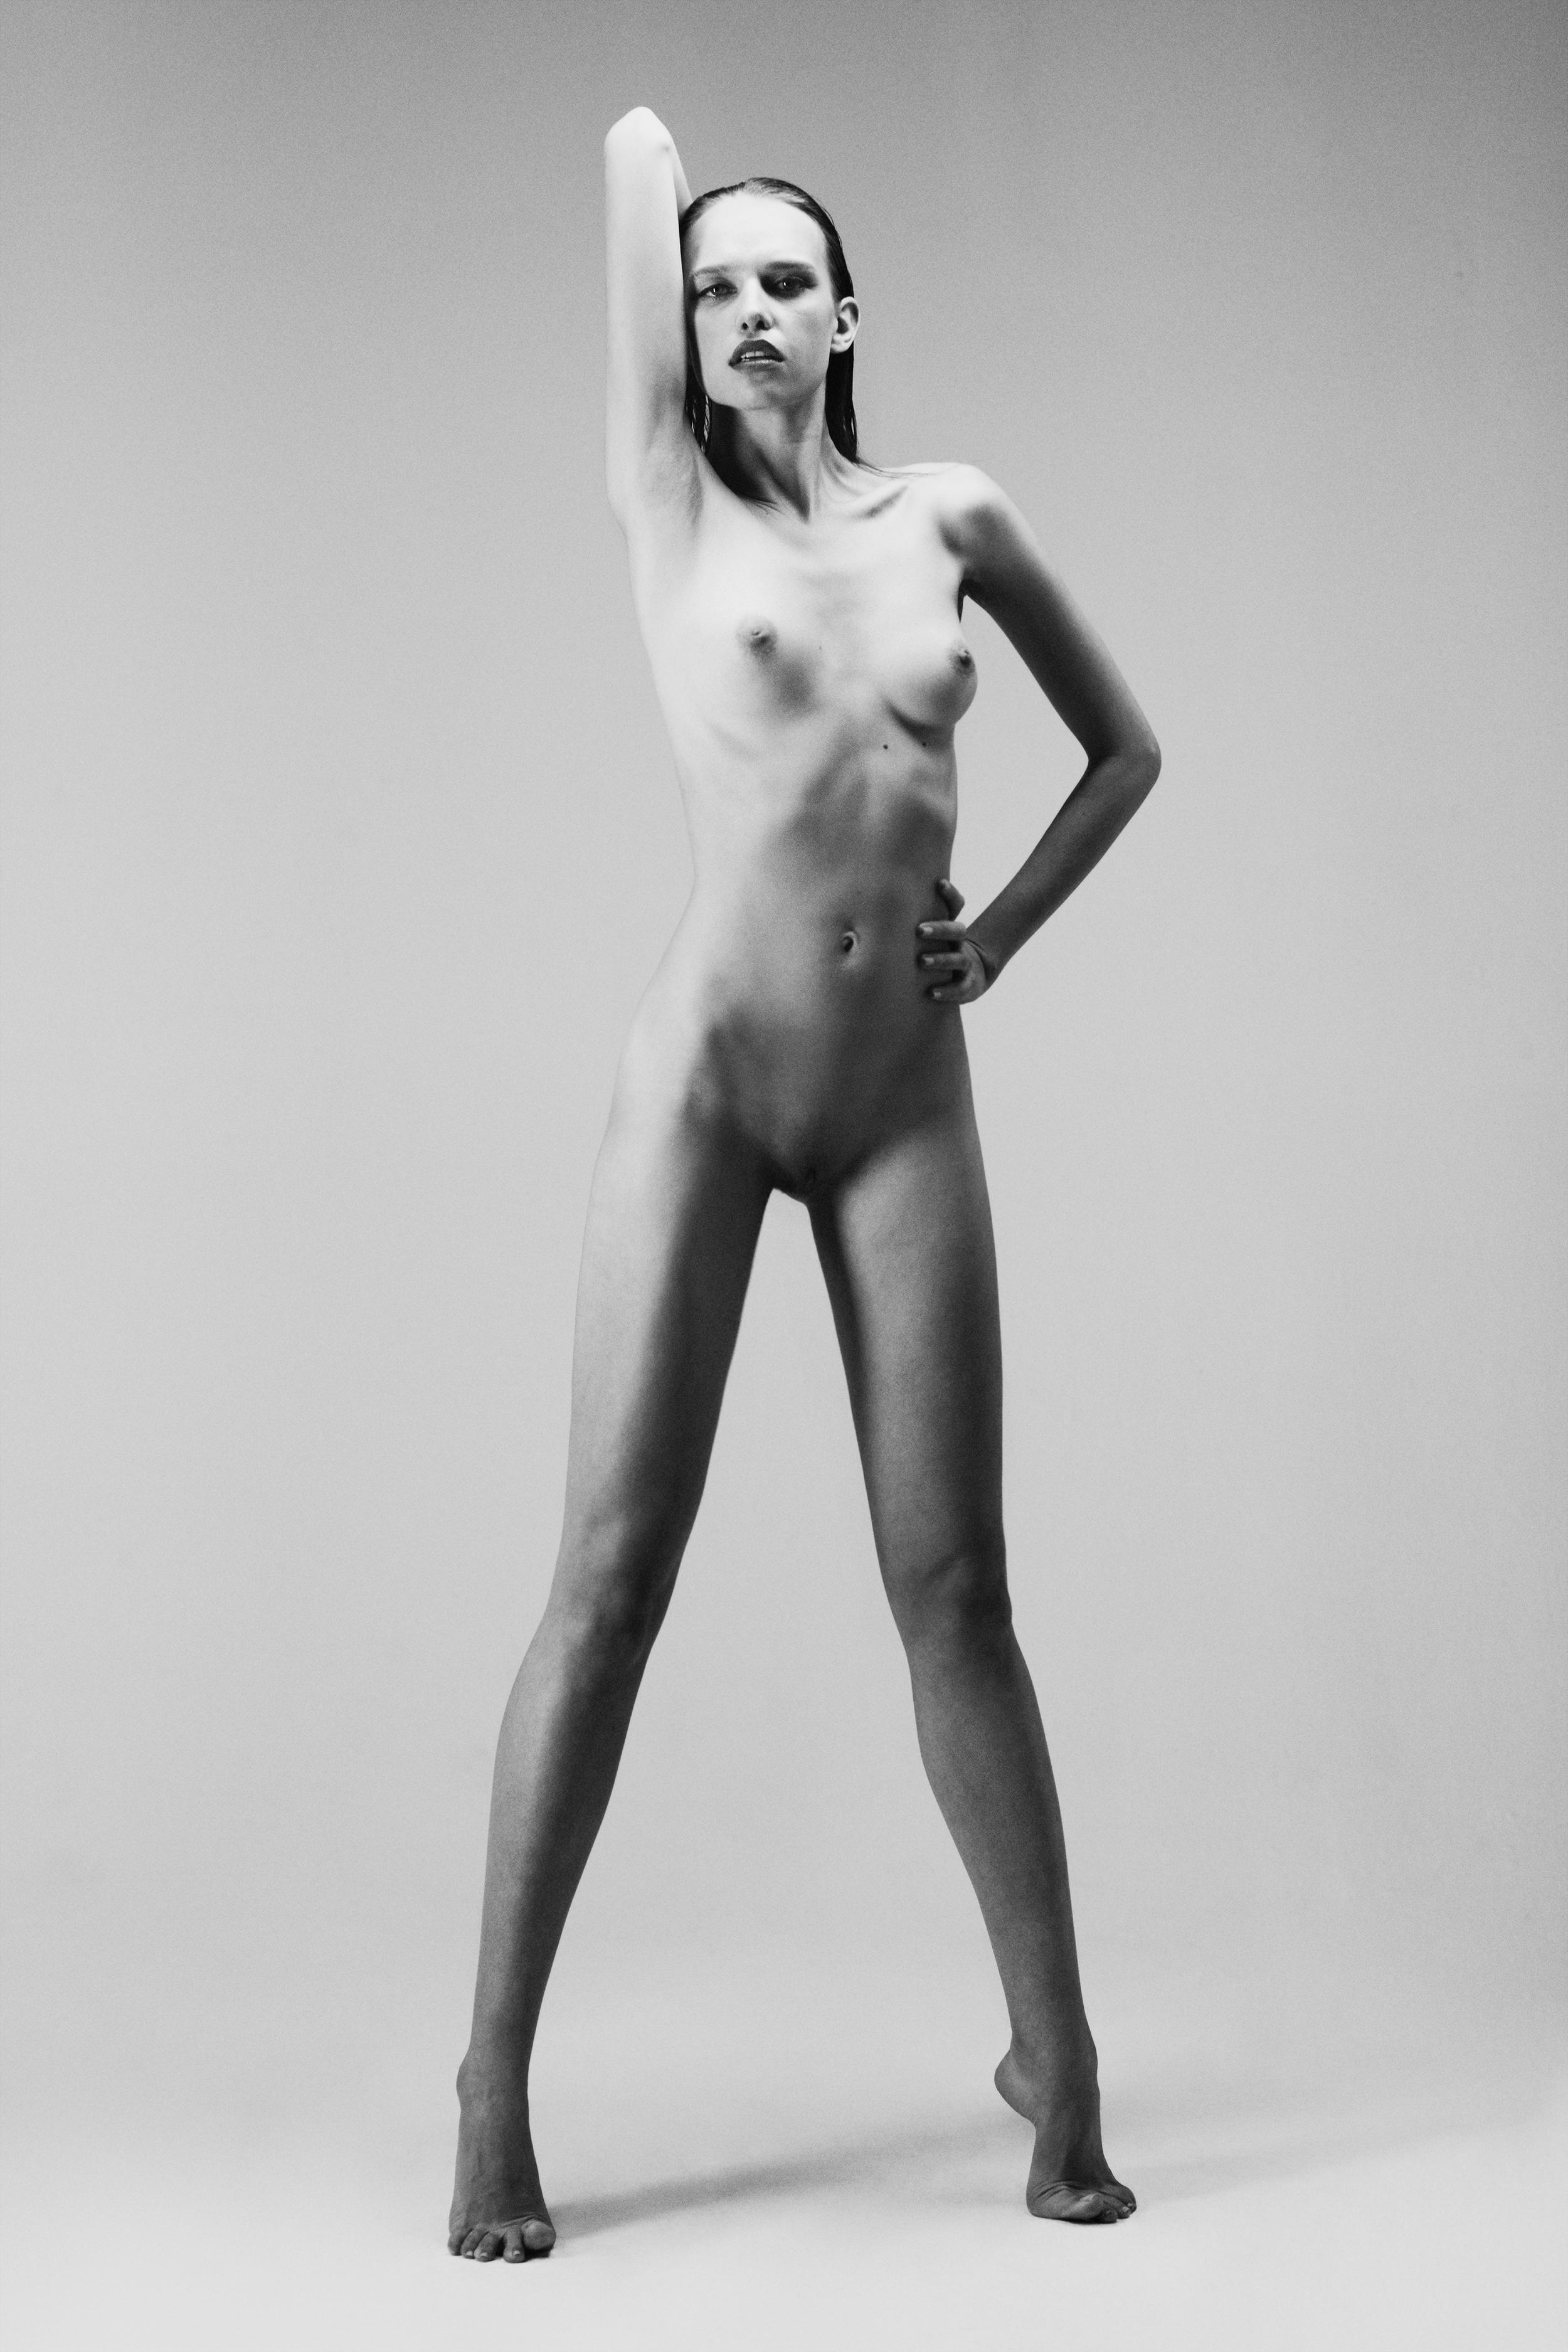 RESIZE.IMG_0020.masha_nude.jpg